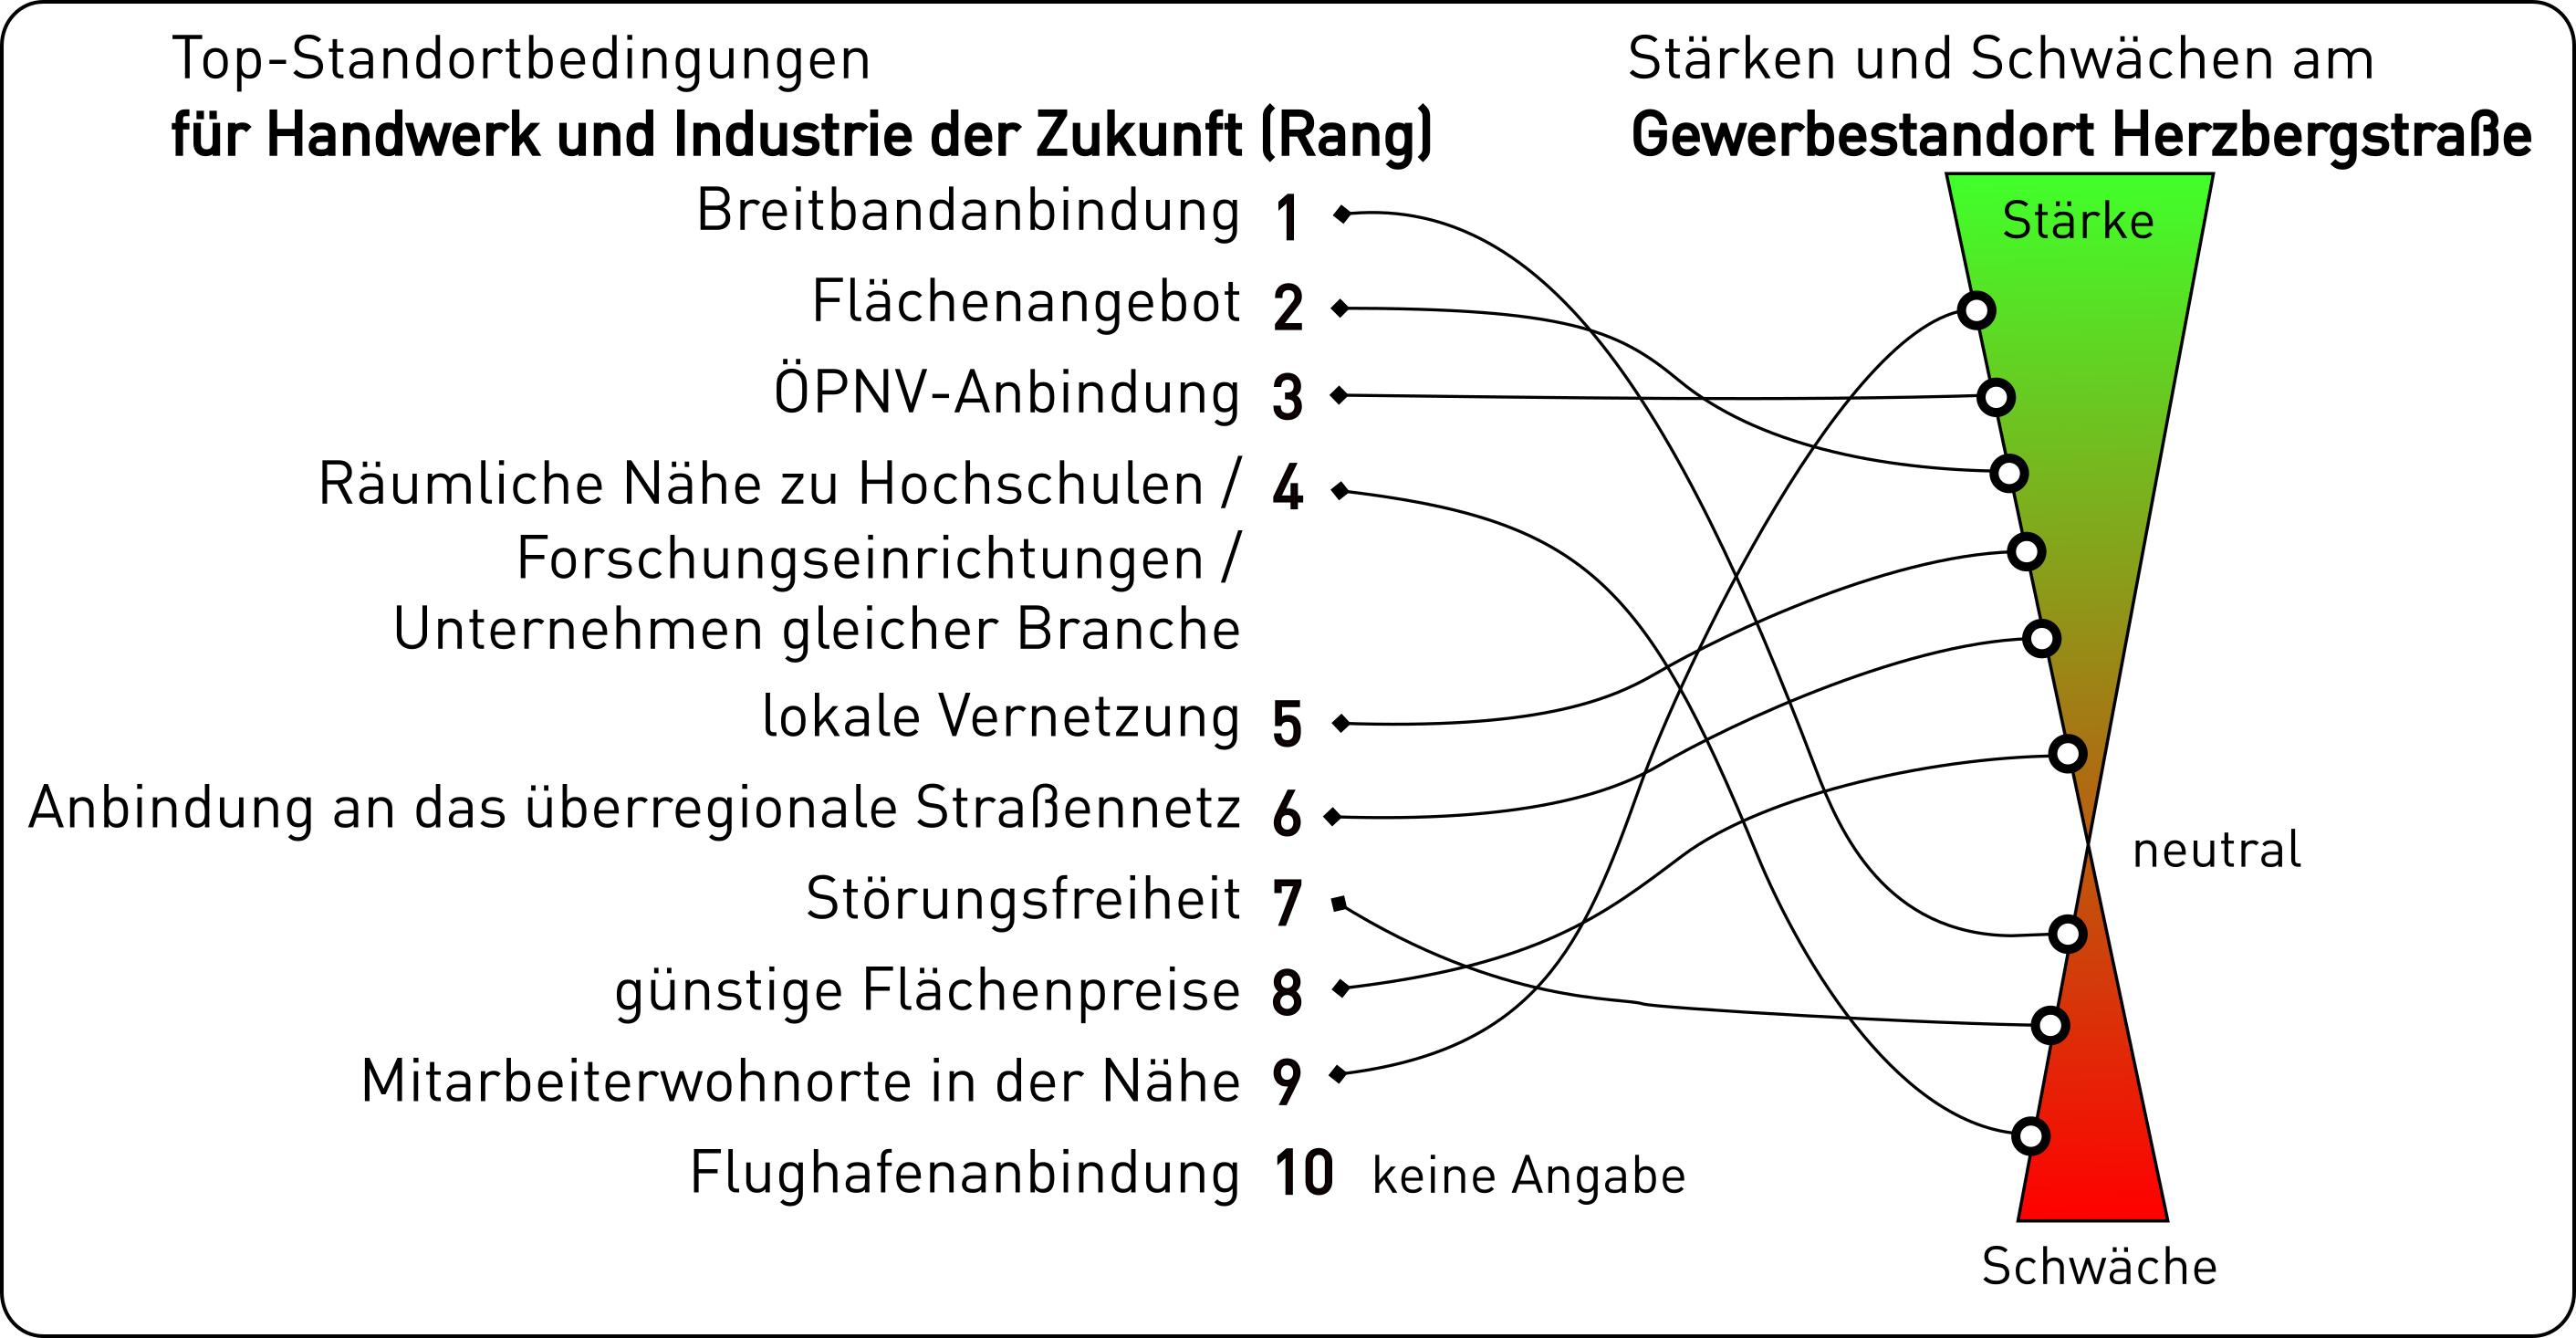 Standortbedingungen sowie die Stärken und Schwächen am Standort Herzbergstraße im Vergleich. Graphik: regioconsult/SA